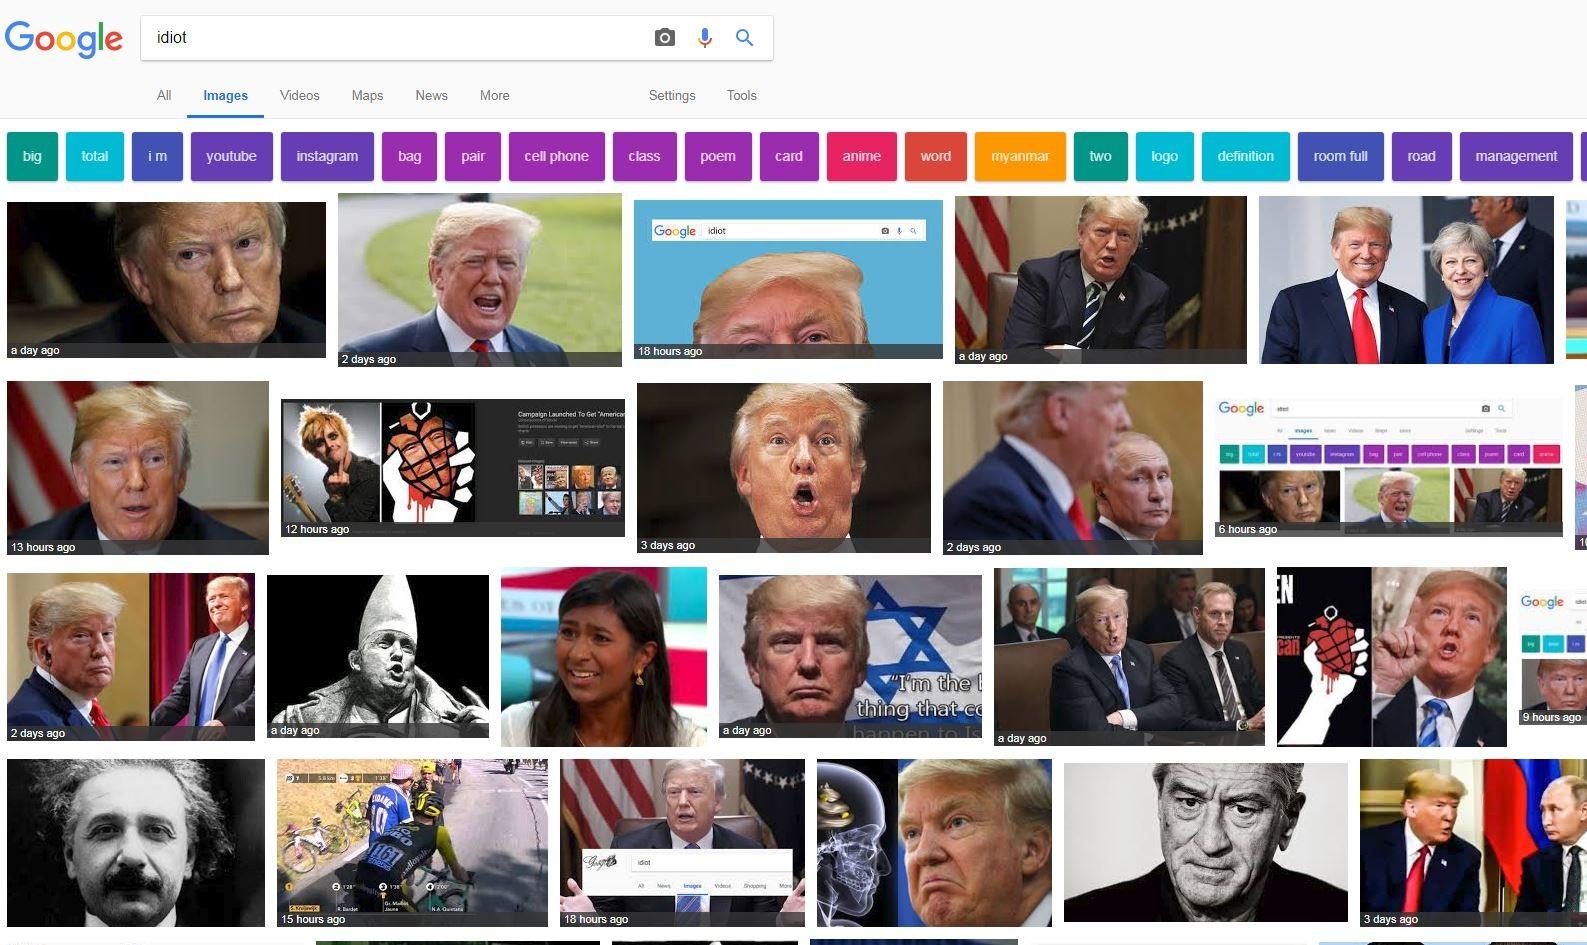 """Komplott von Trollen und Mainstream? Flashmob bringt Trumps Fotos bei """"idiot""""-Suche nach oben"""